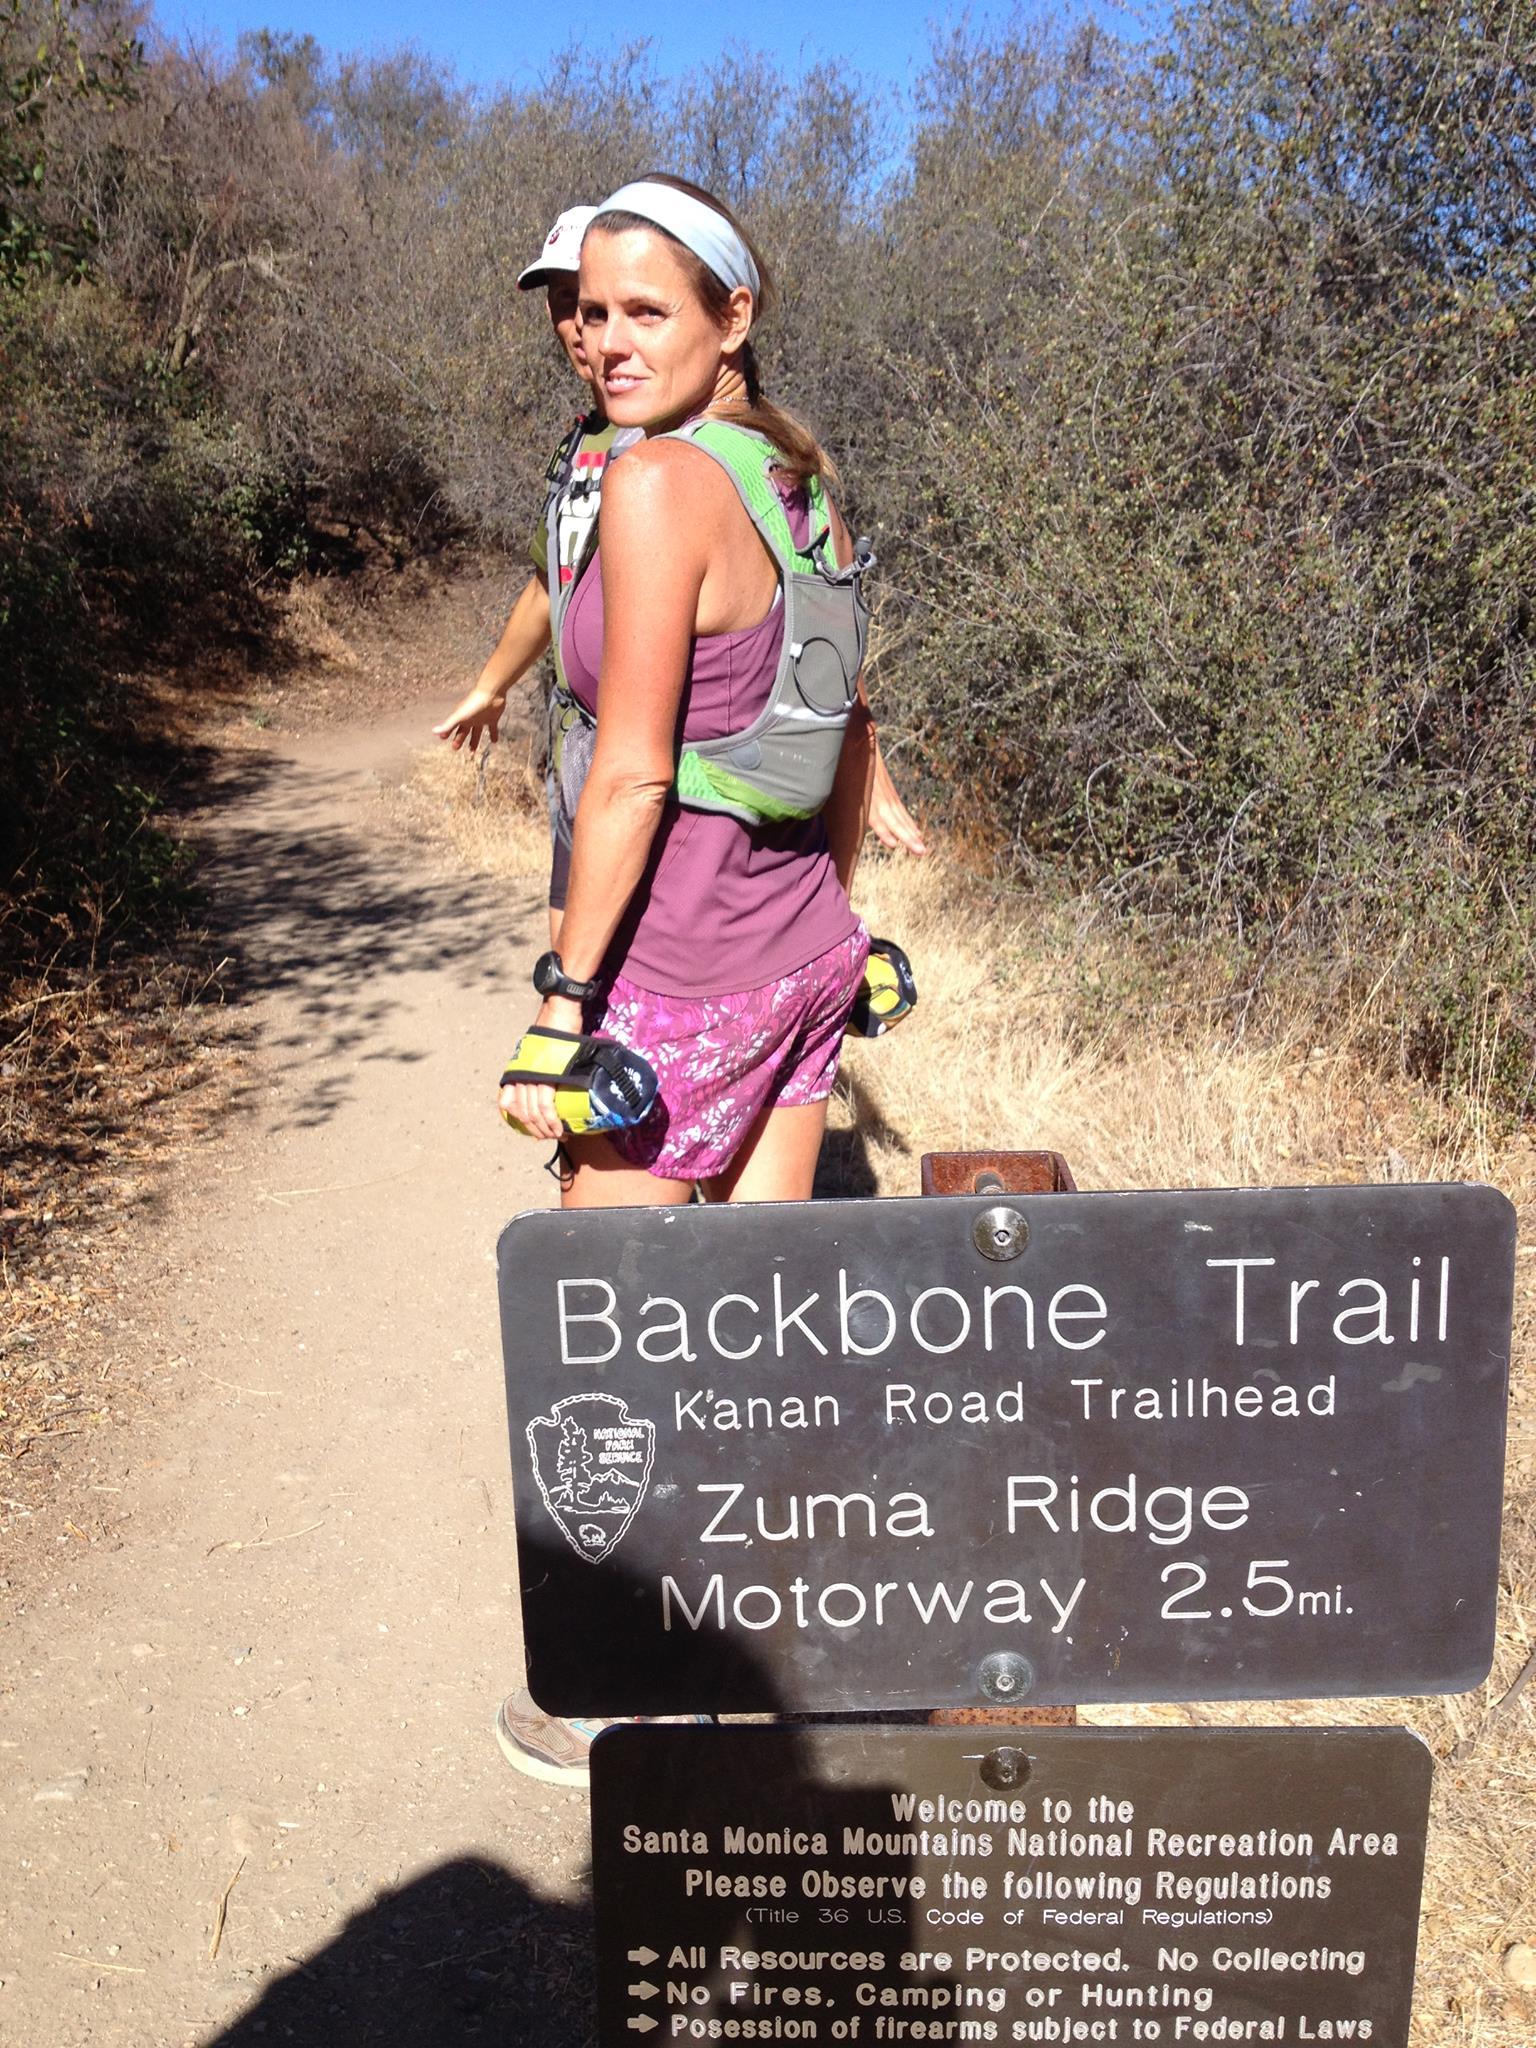 KH backbone trail.jpg